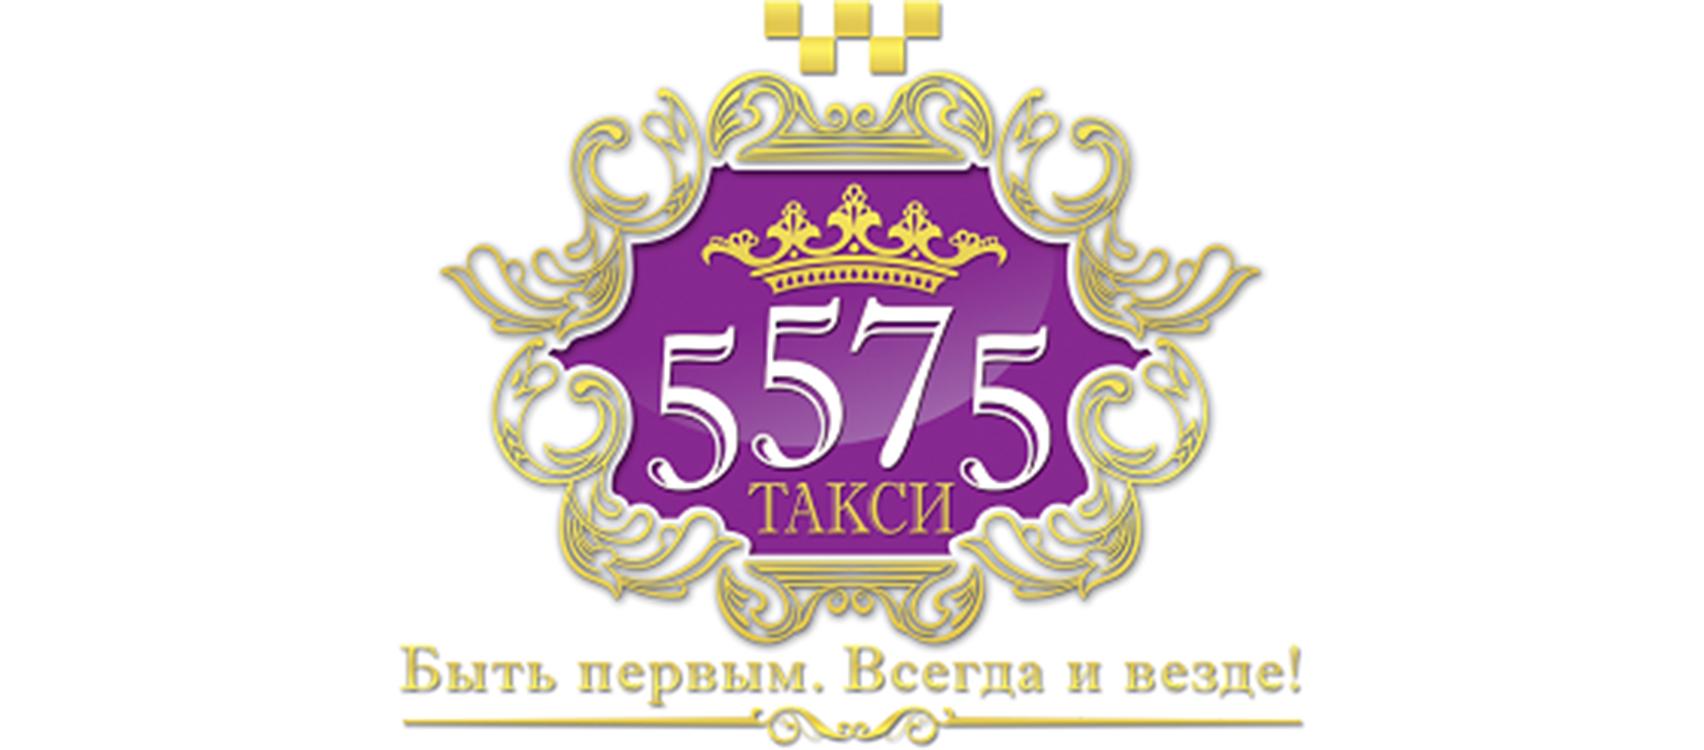 Таксі 5575 (Мариупіль)